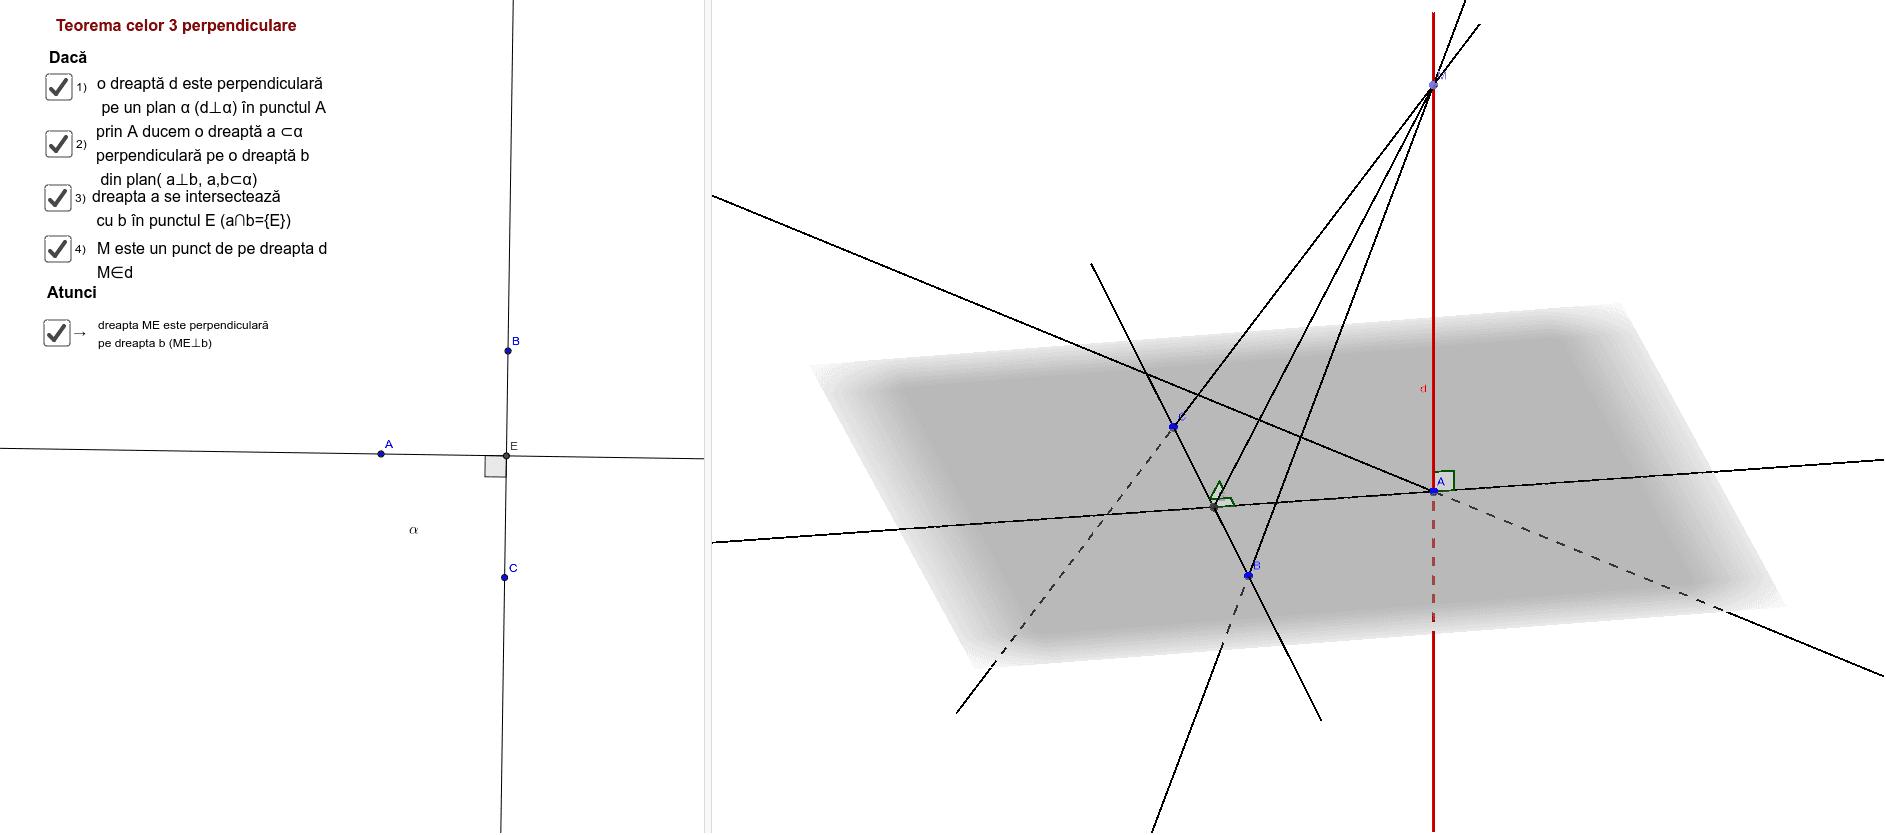 teorema celor trei perpendiculare Apăsați Enter pentru a începe activitatea